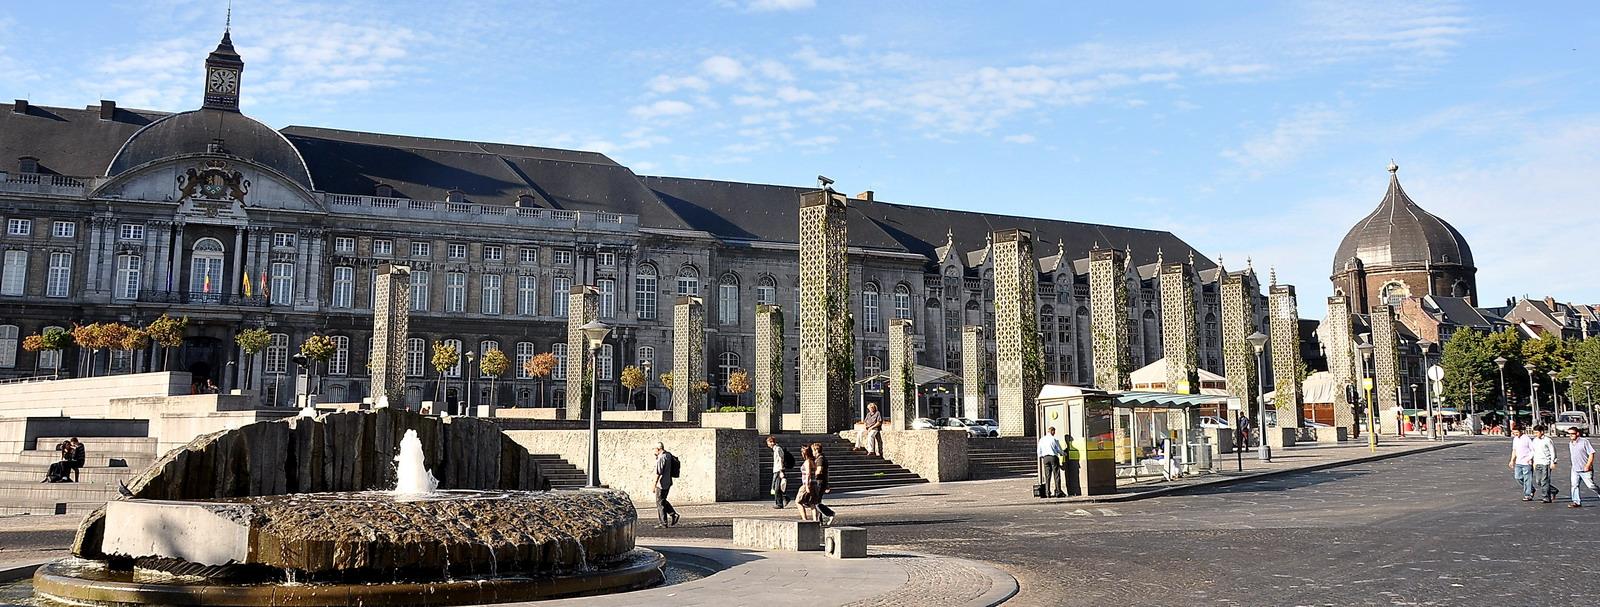 Le Palais et la place de l'ancienne cathédrale